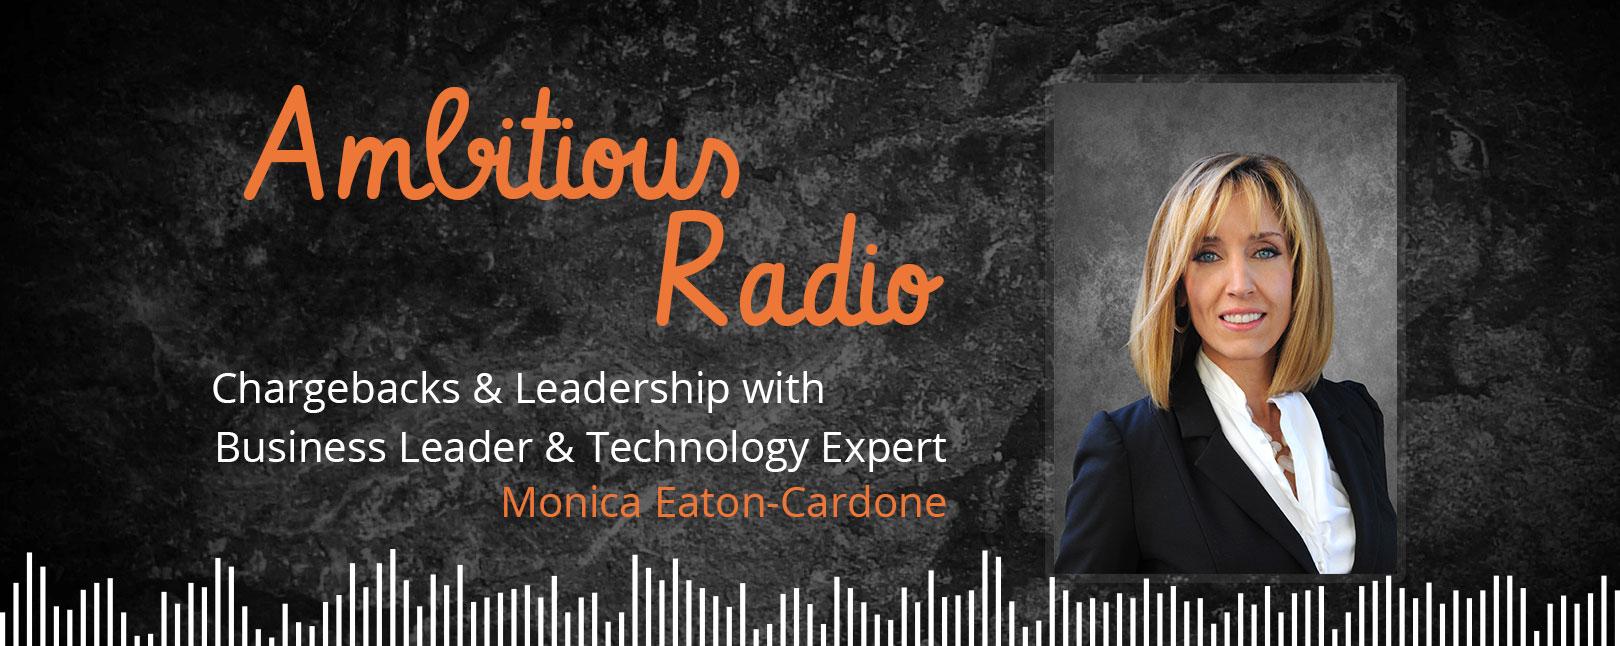 ambitious radio monica